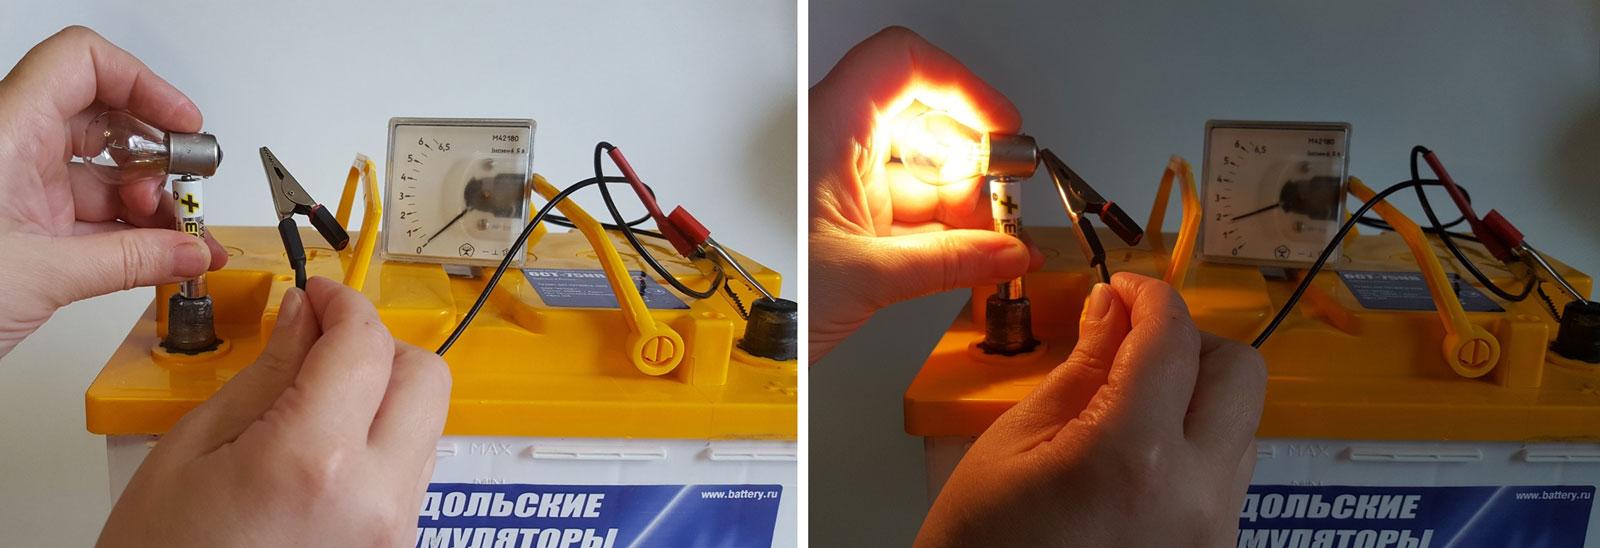 Зарядка батарейки через лампочку и аккумулятор